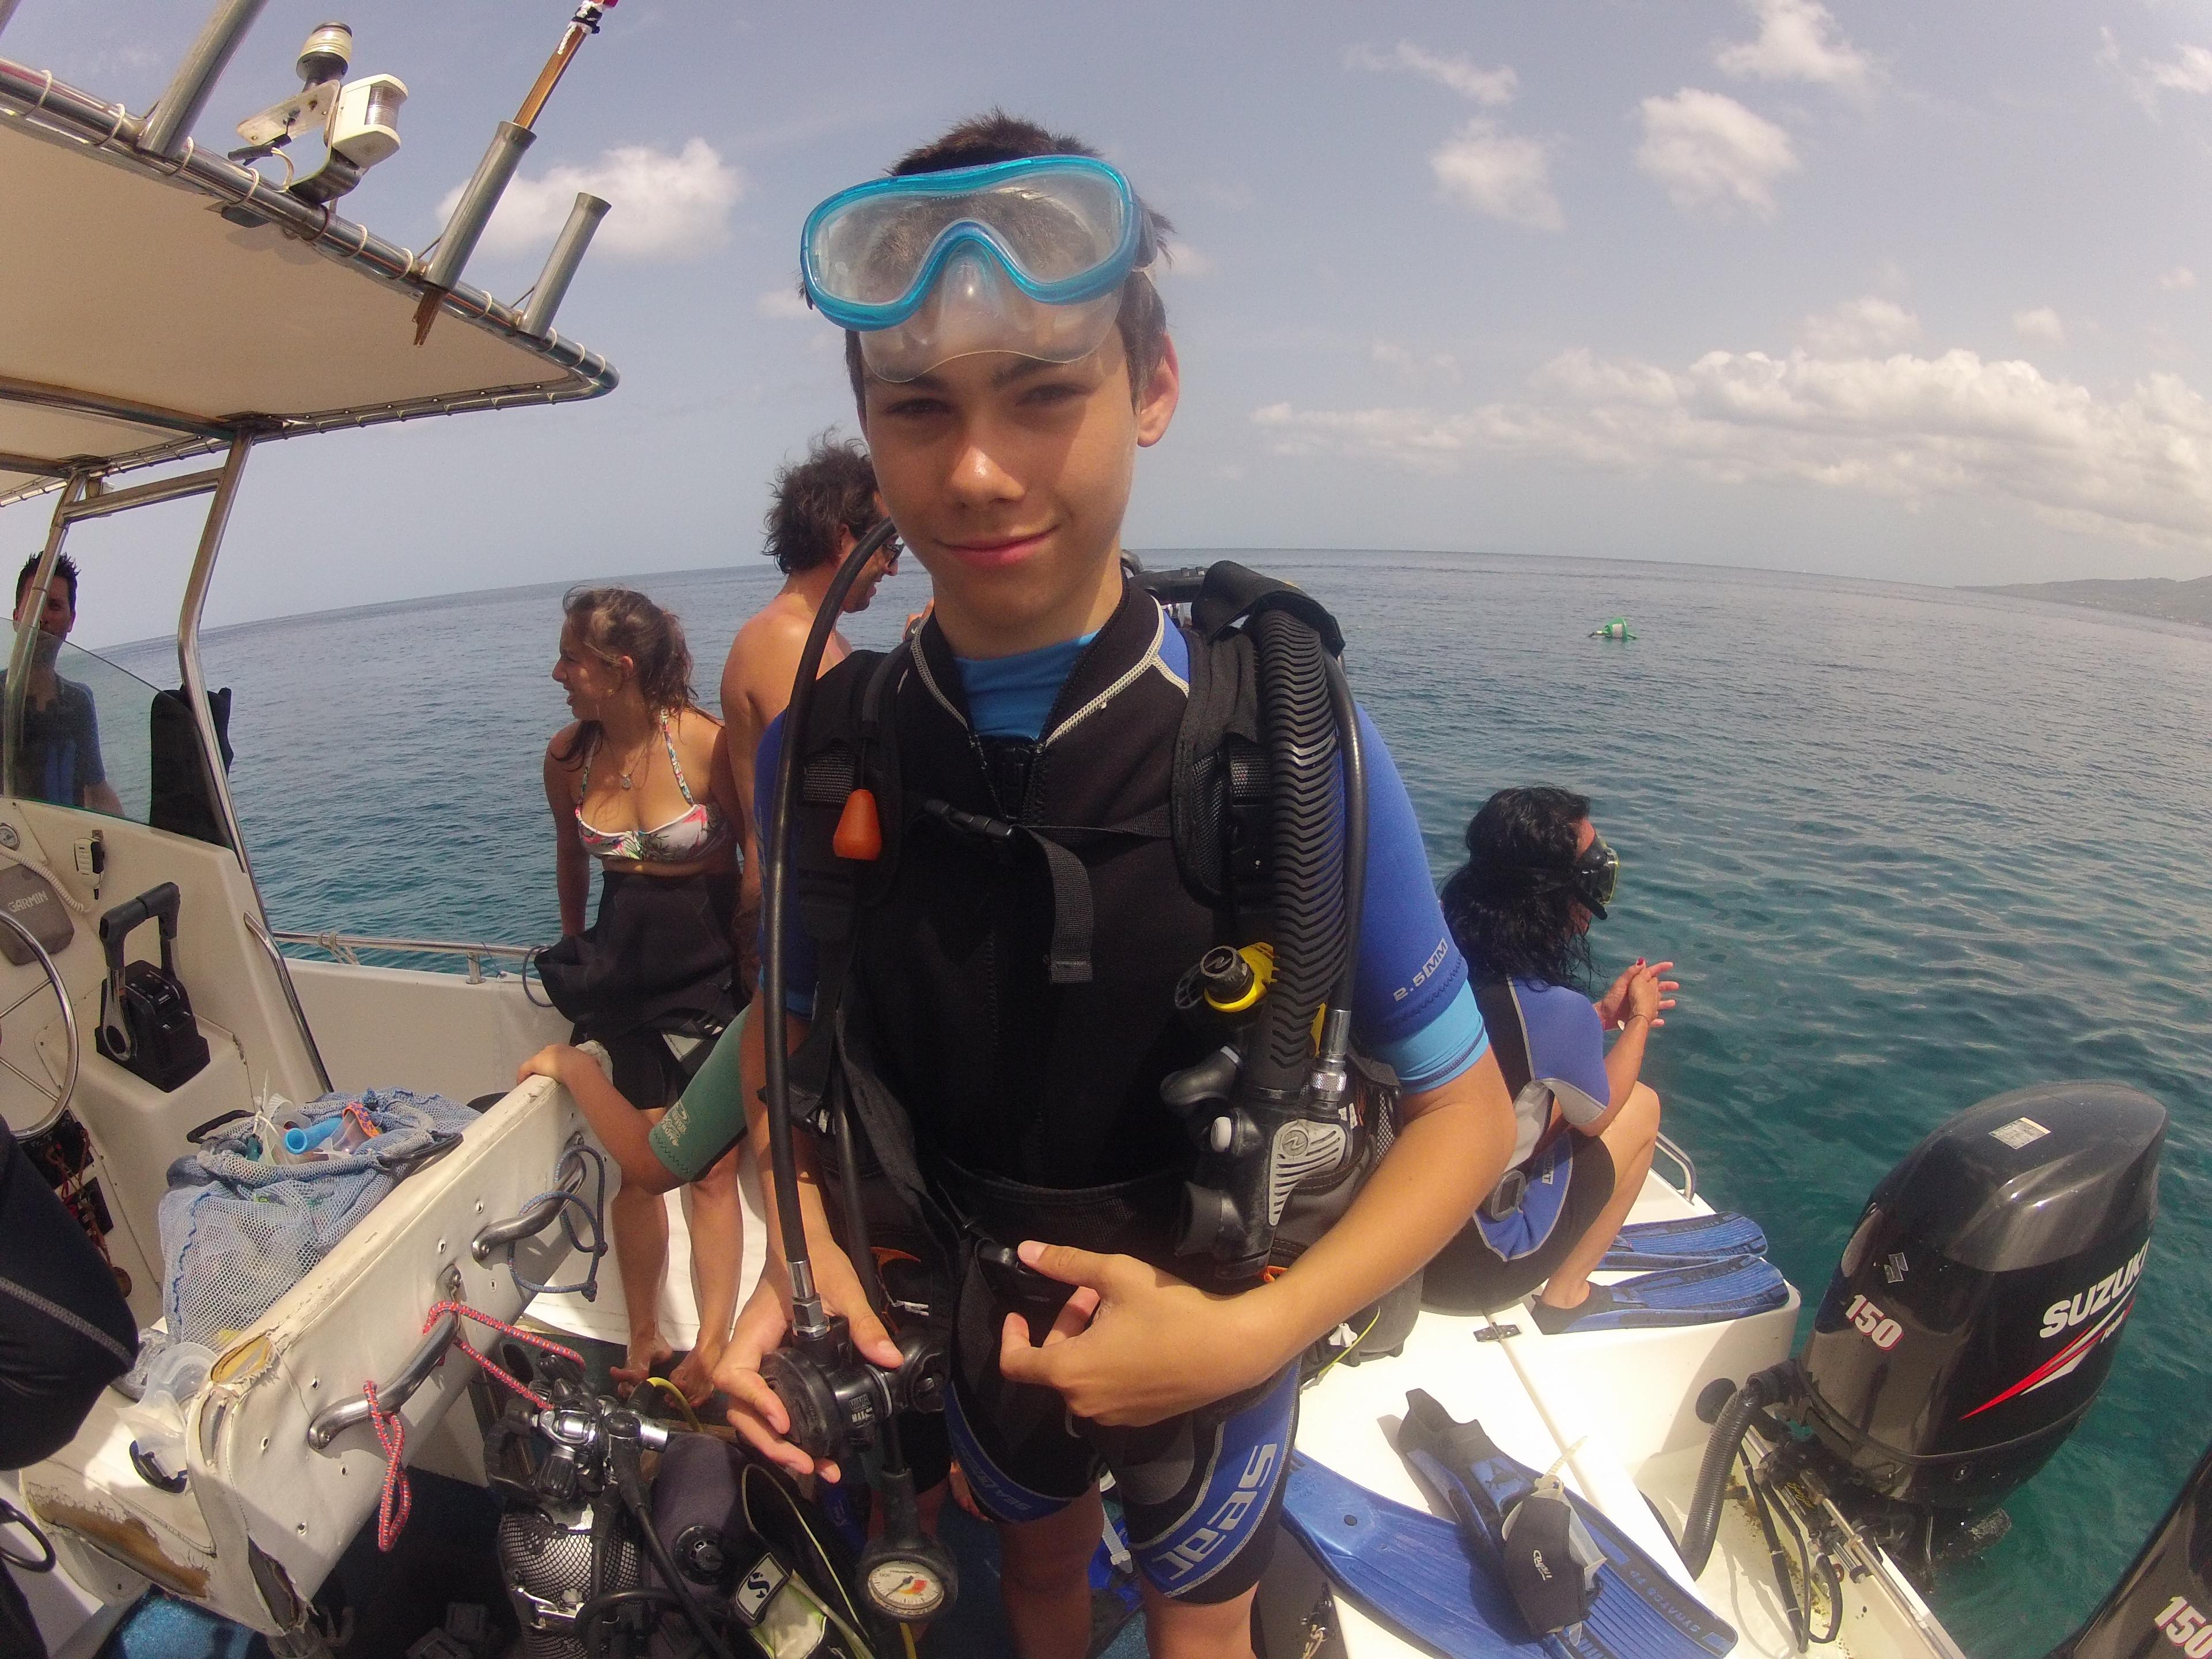 Un plongeur bien équipé est un plongeur qui part en sécurité